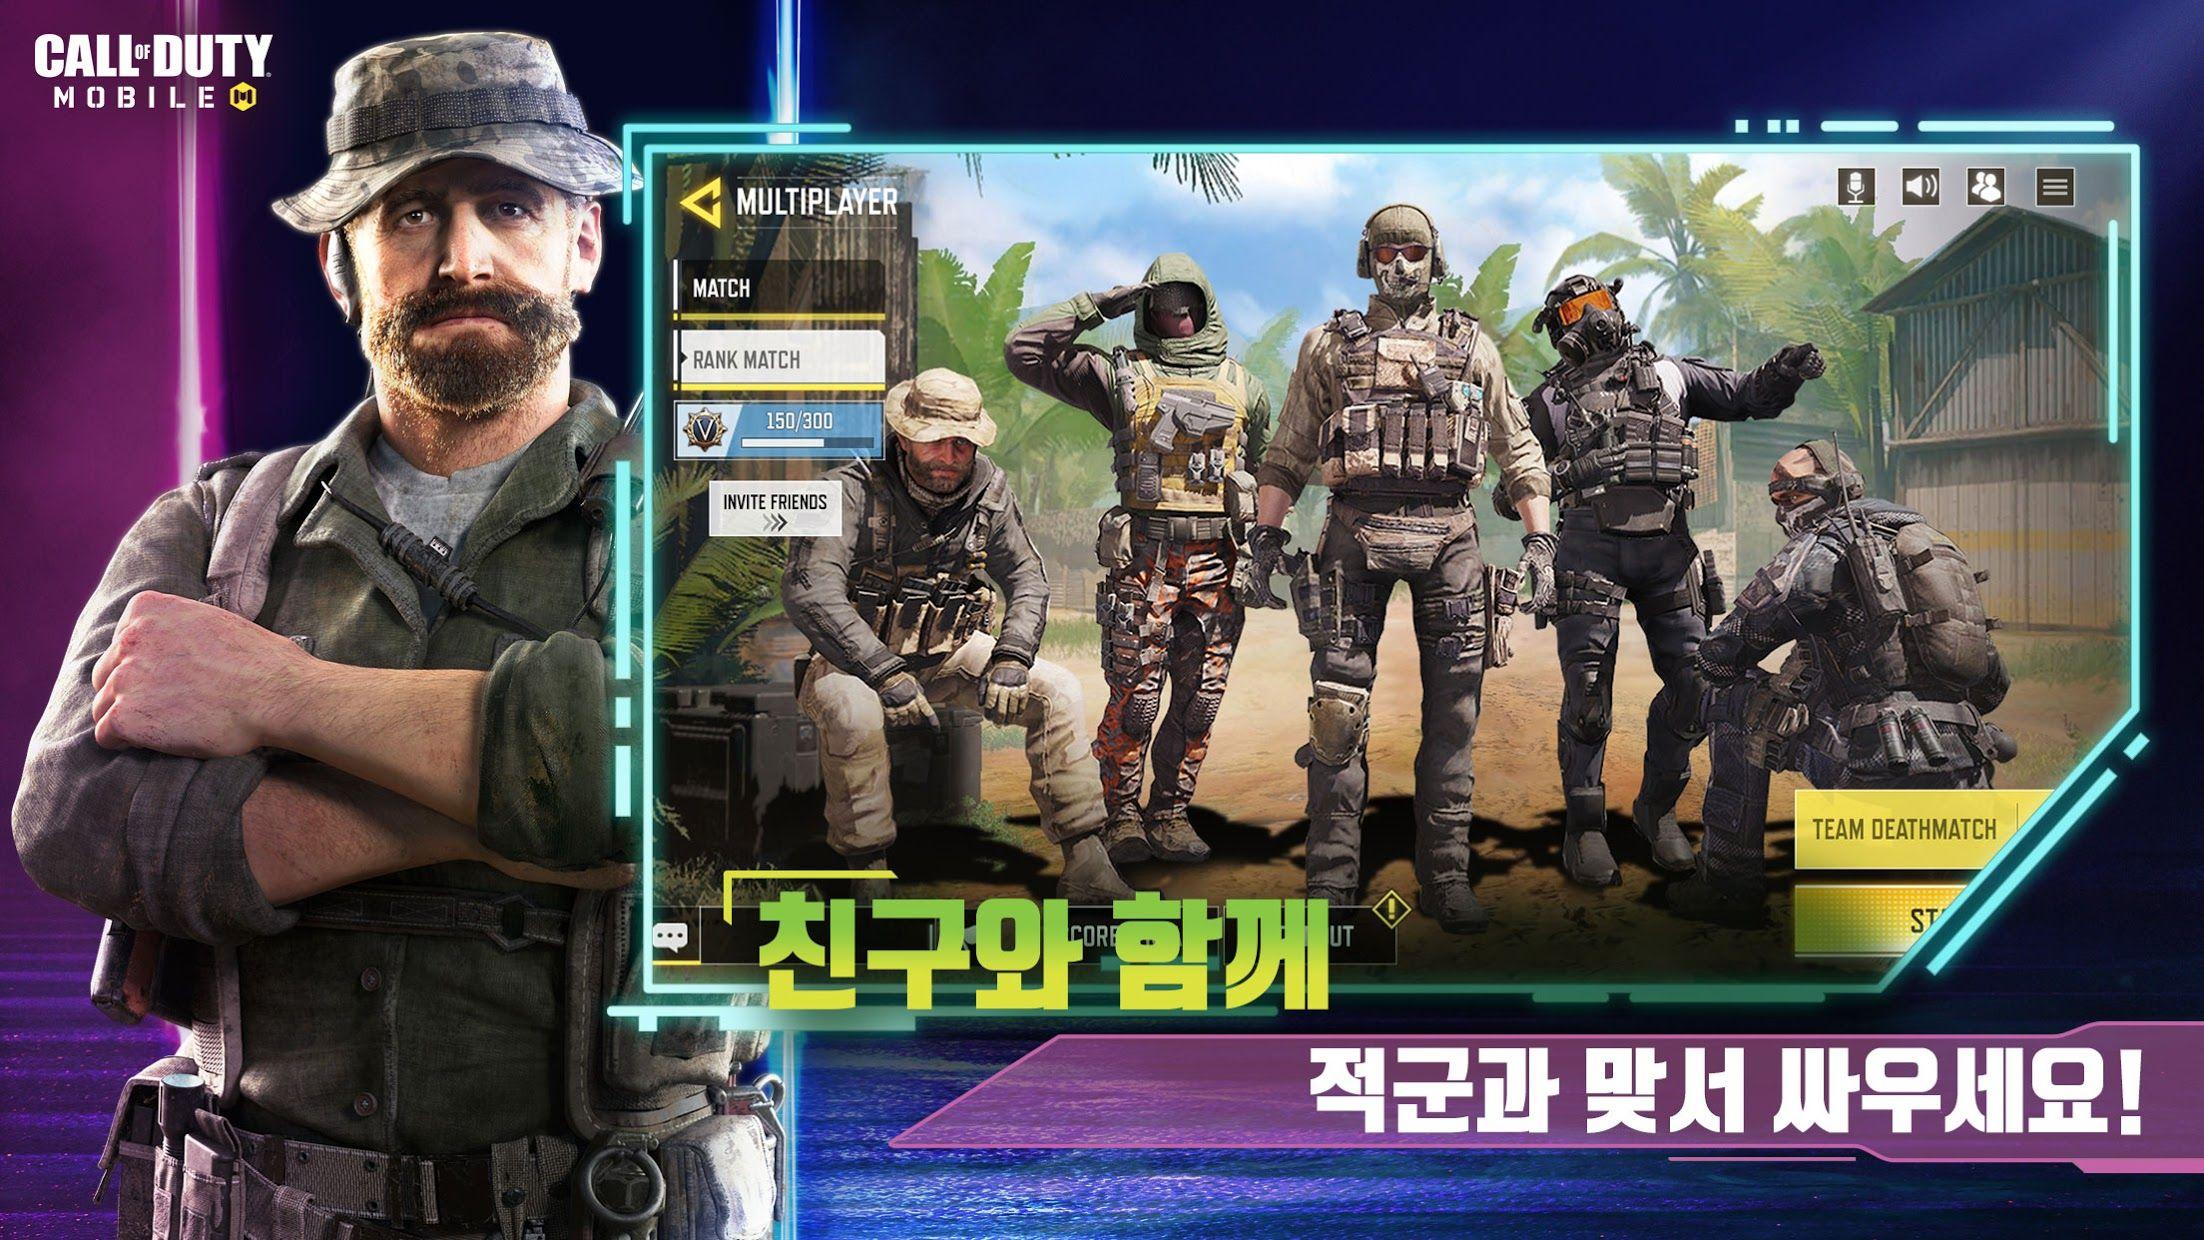 使命召唤手游(COD 韩服) 游戏截图5